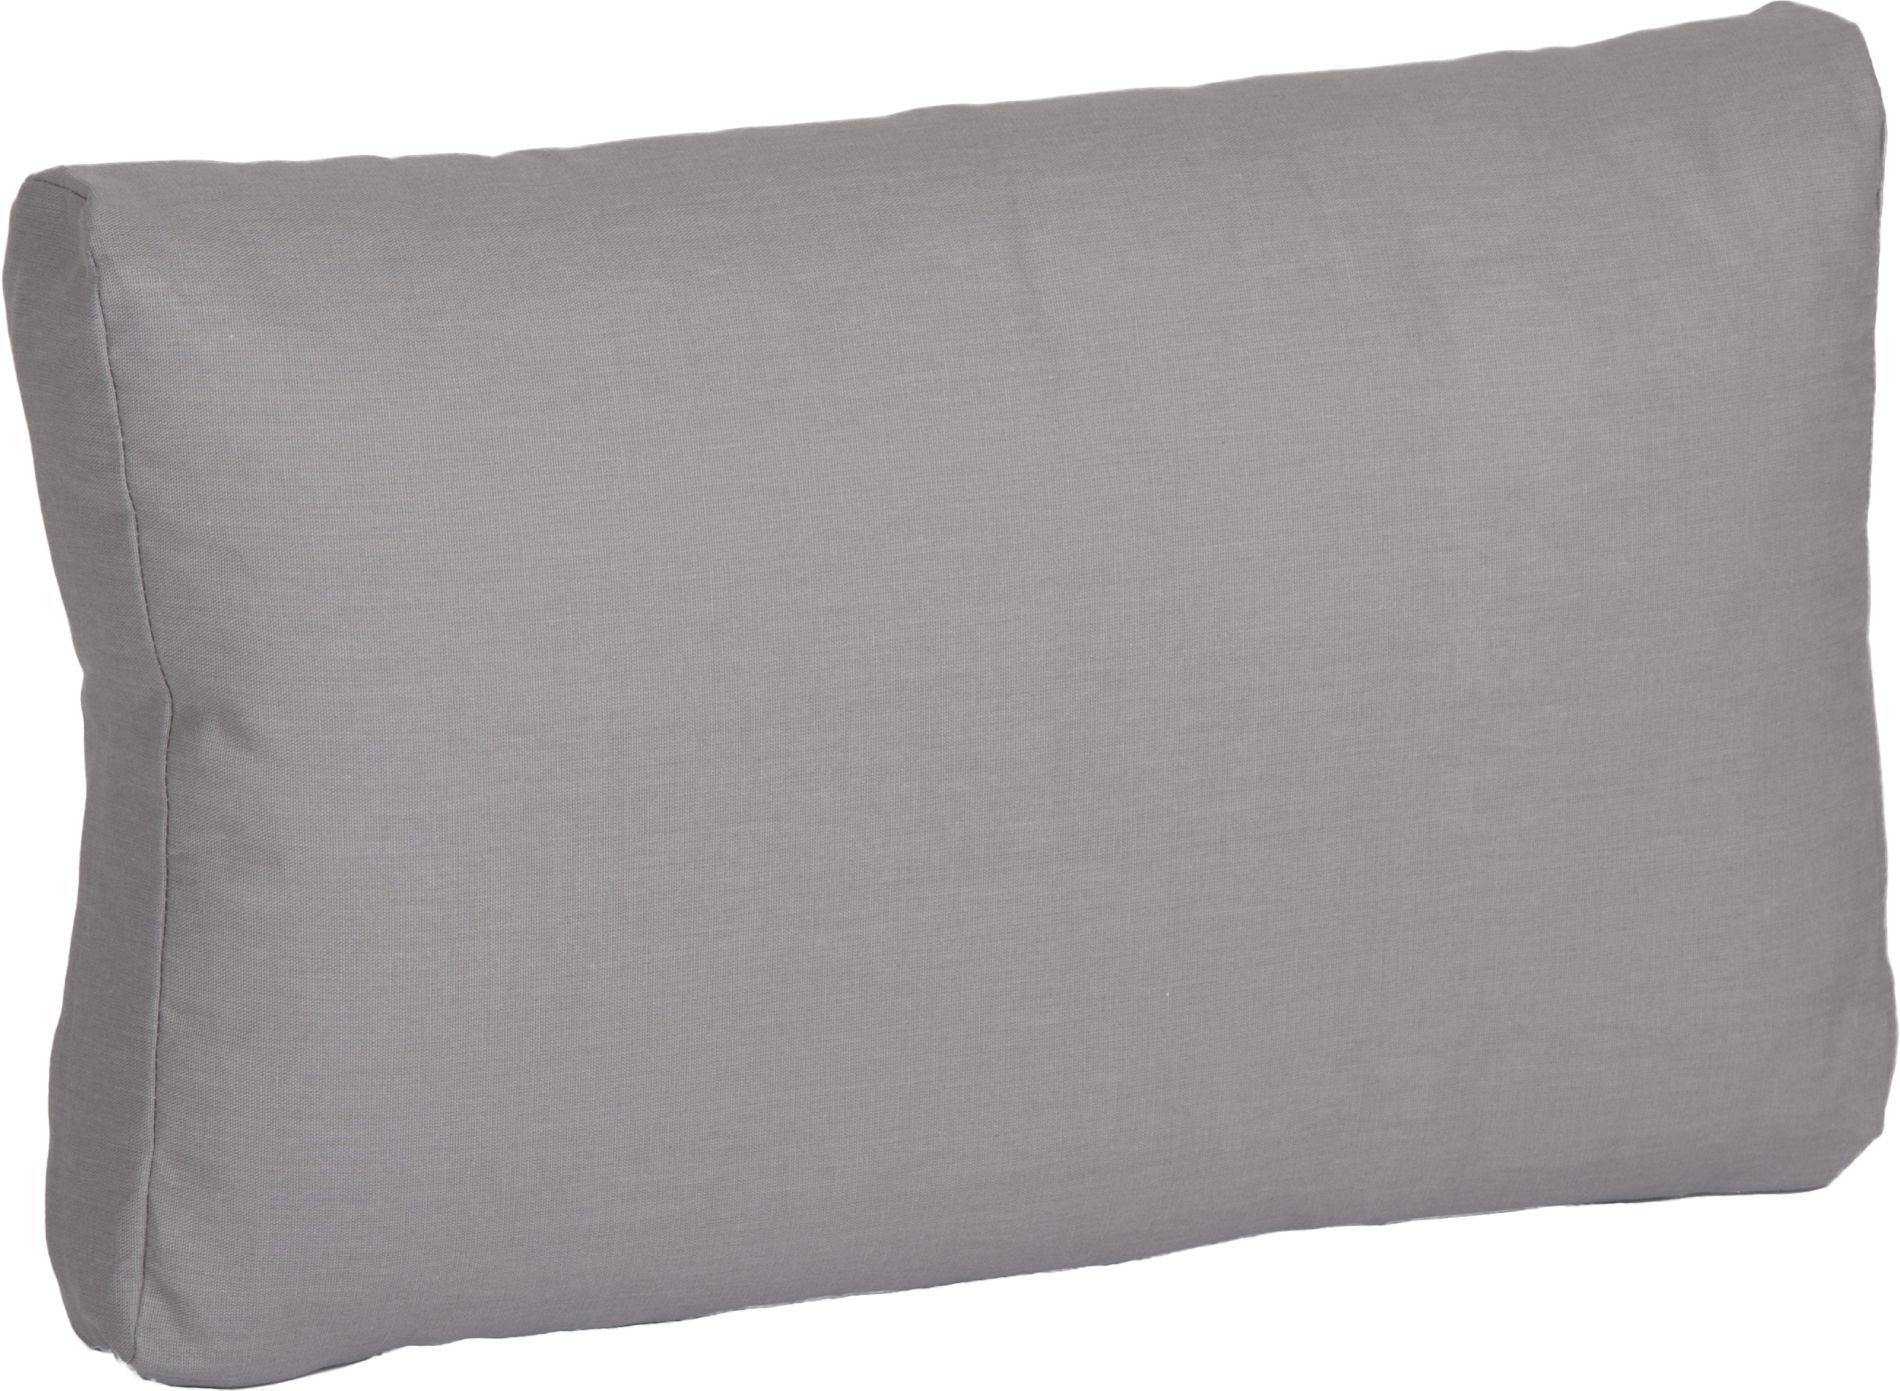 acamp Weekend Rückenkissen für Basiselement grau 70 x 42 x 22 cm